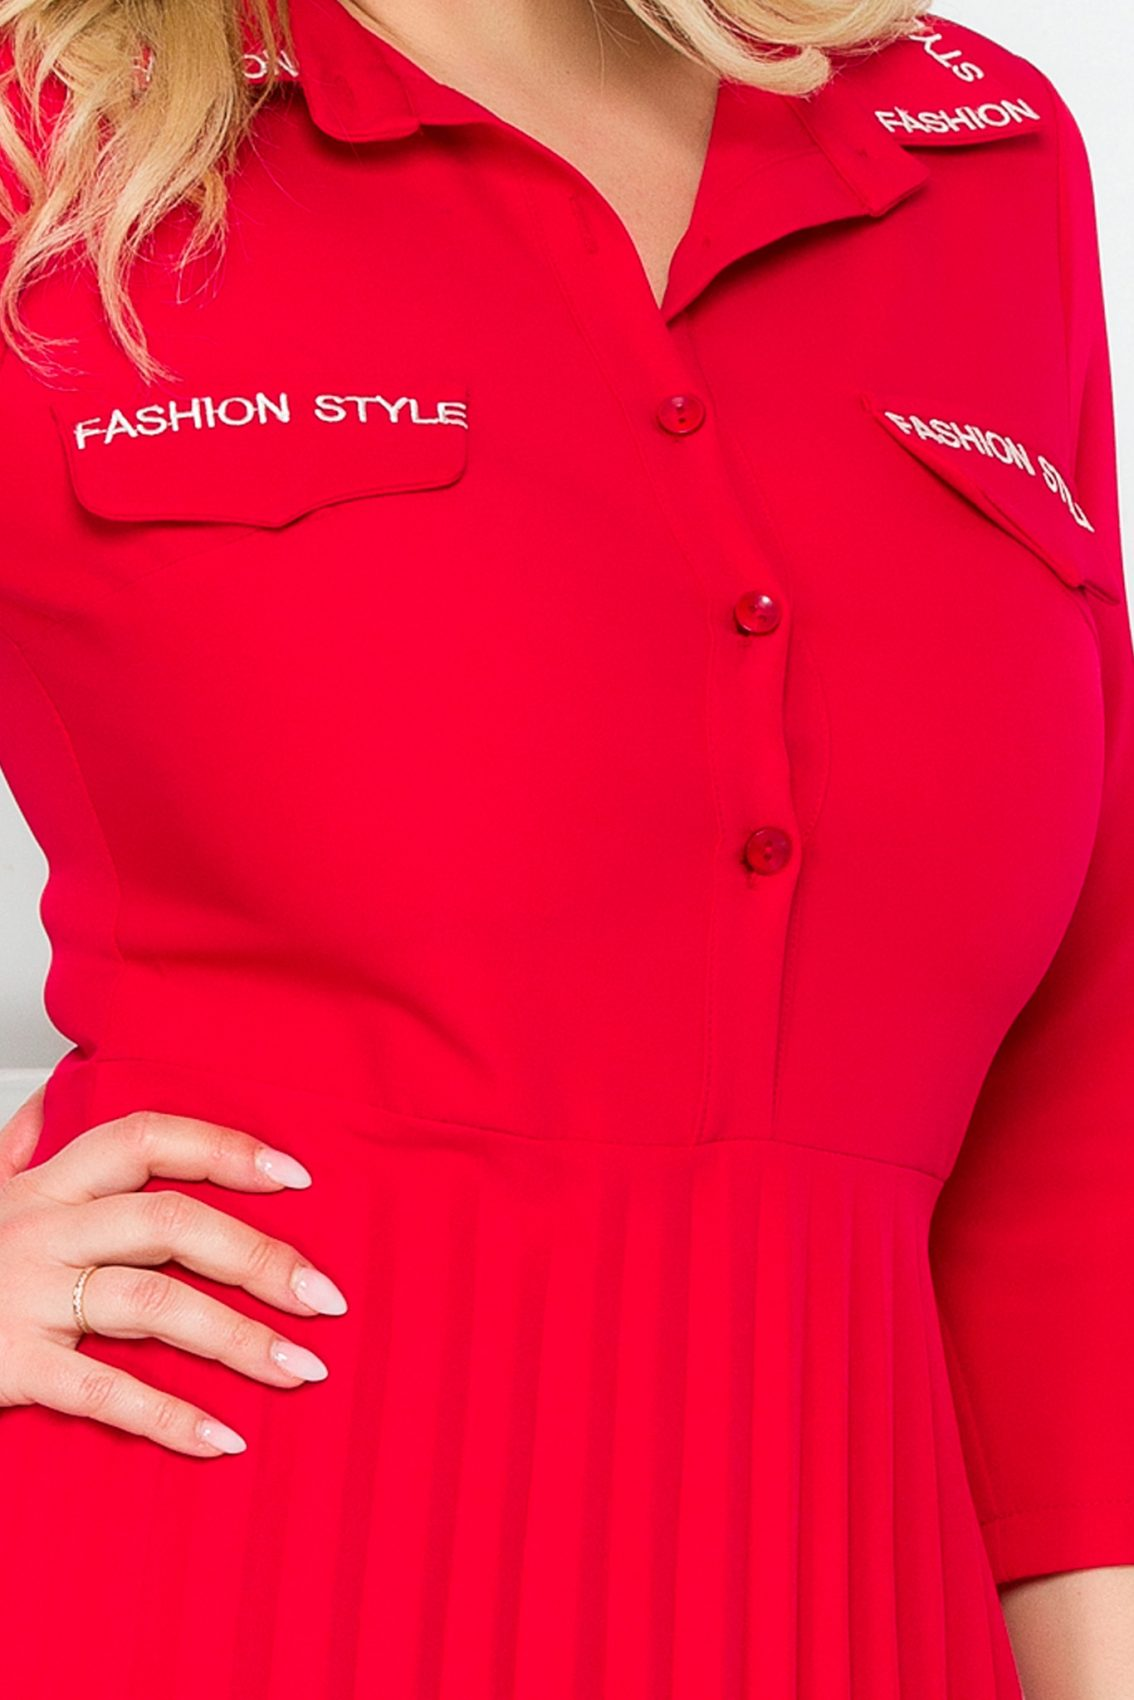 Κόκκινο Πλισέ Φόρεμα Fashion 9279 3